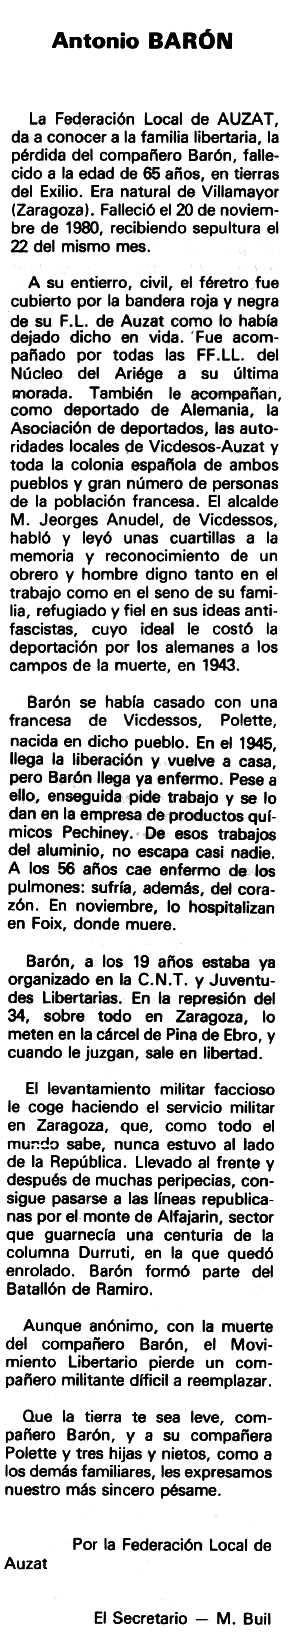 """Necrològica d'Antonio Barón apareguda en el periòdic tolosà """"Espoir"""" del 26 d'abril de 1981"""